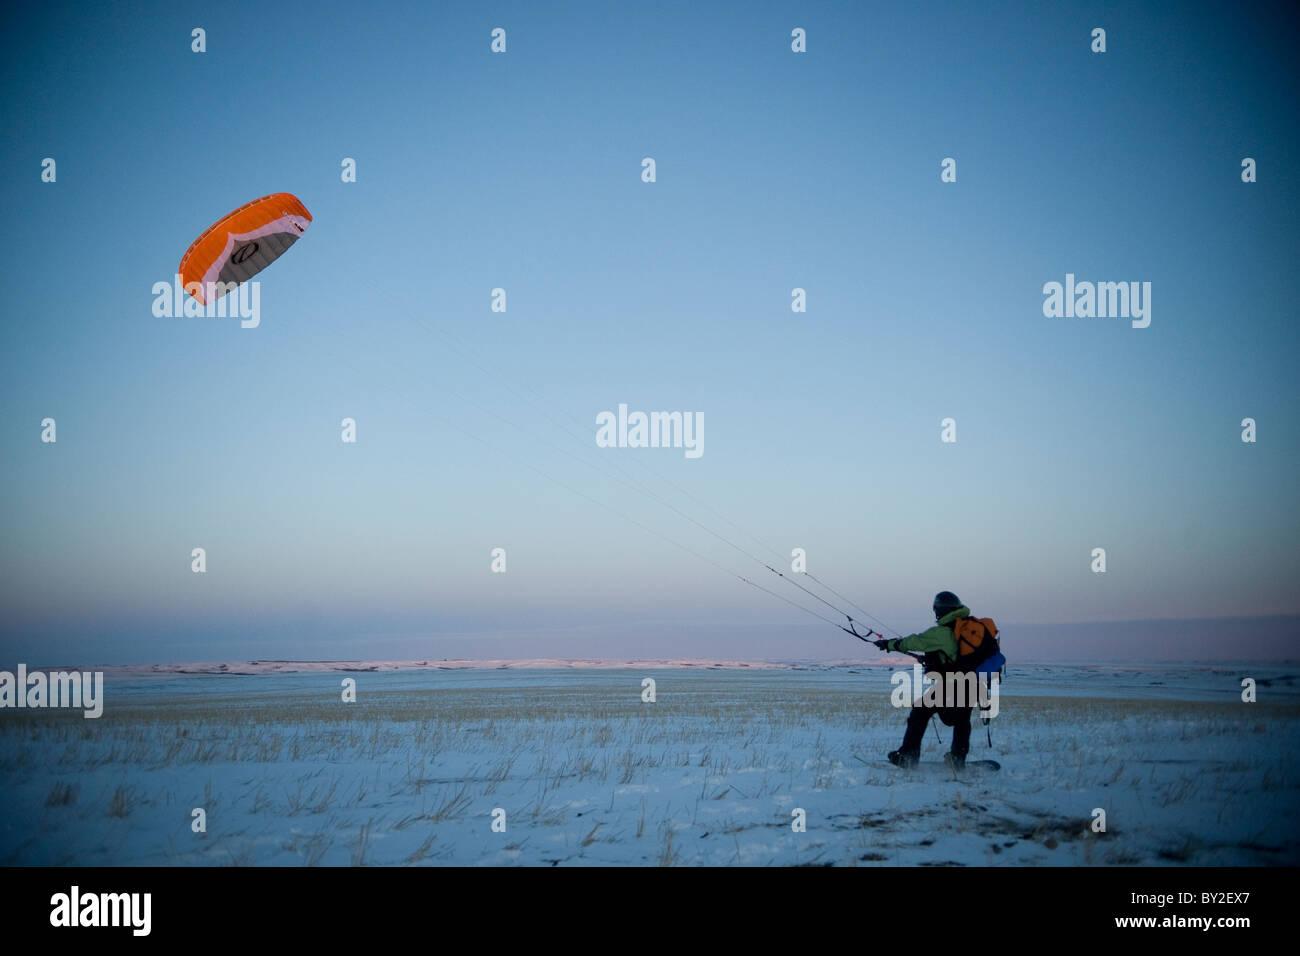 Un jeune homme qui décolle avec son snowkite. Photo Stock